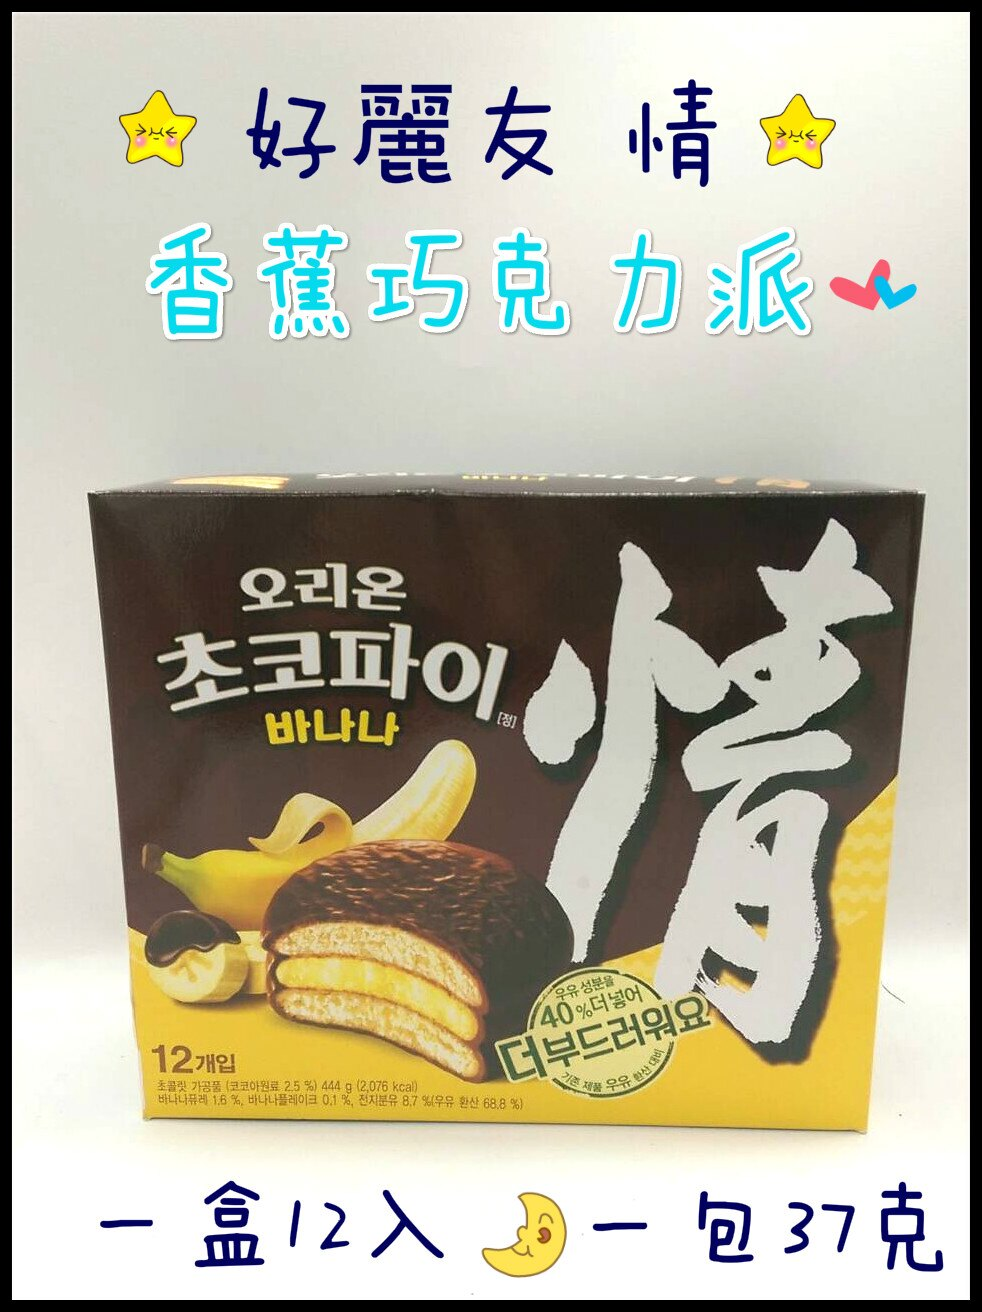 巧克力派 好麗友 情 香蕉巧克力派 抹茶巧克力派 韓國製 團購 1盒444克 一盒12入 零食 甜點 下午茶